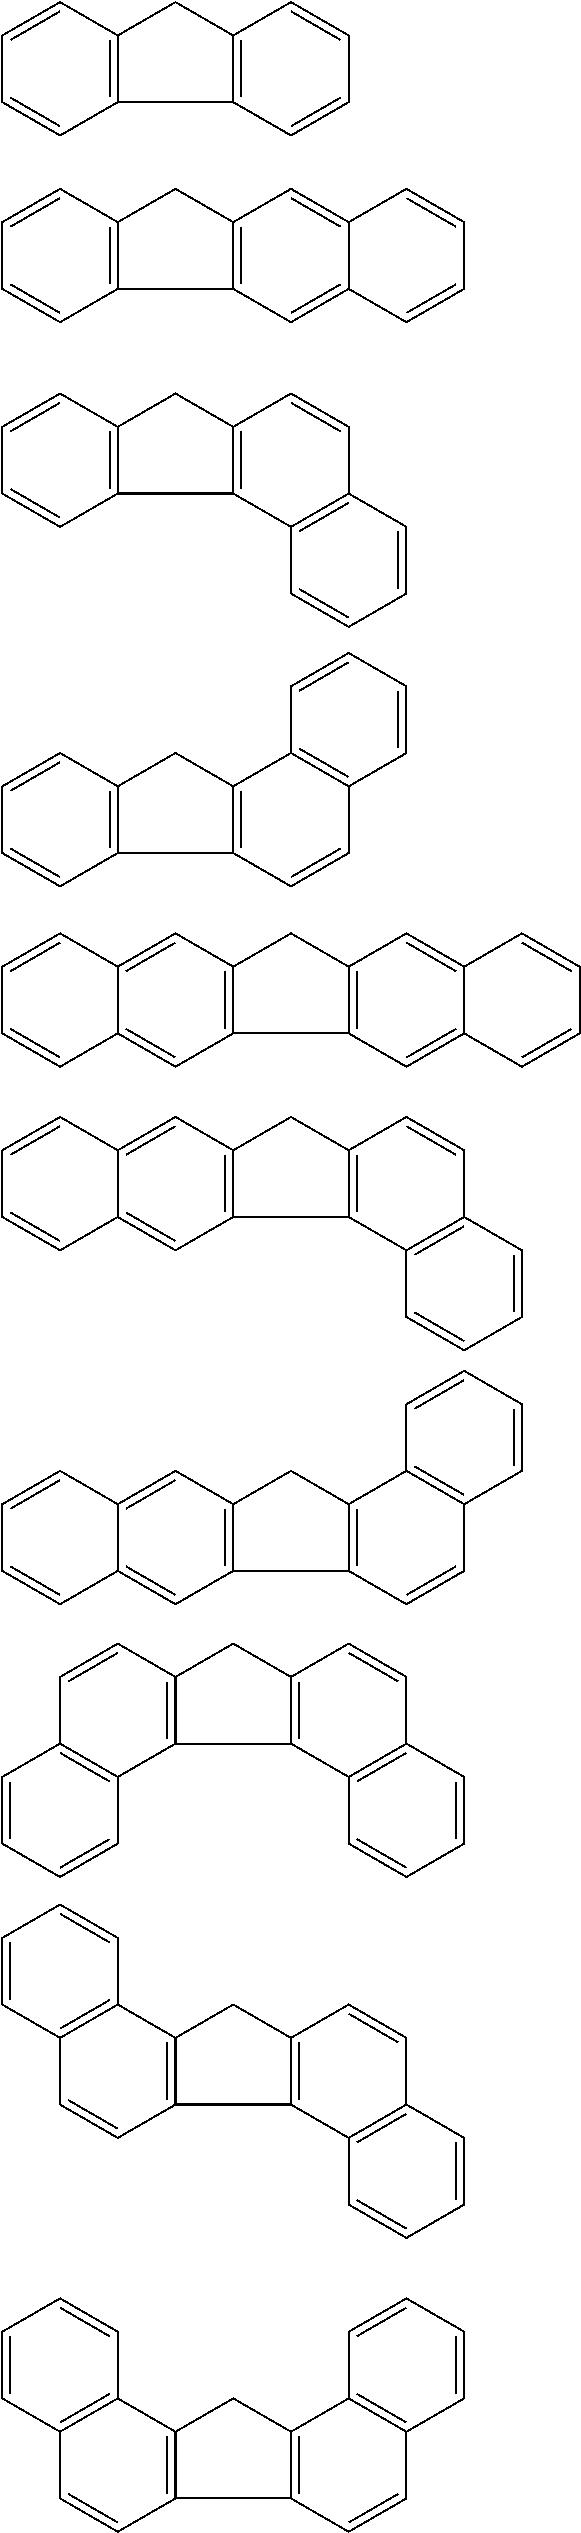 Figure US08846846-20140930-C00010